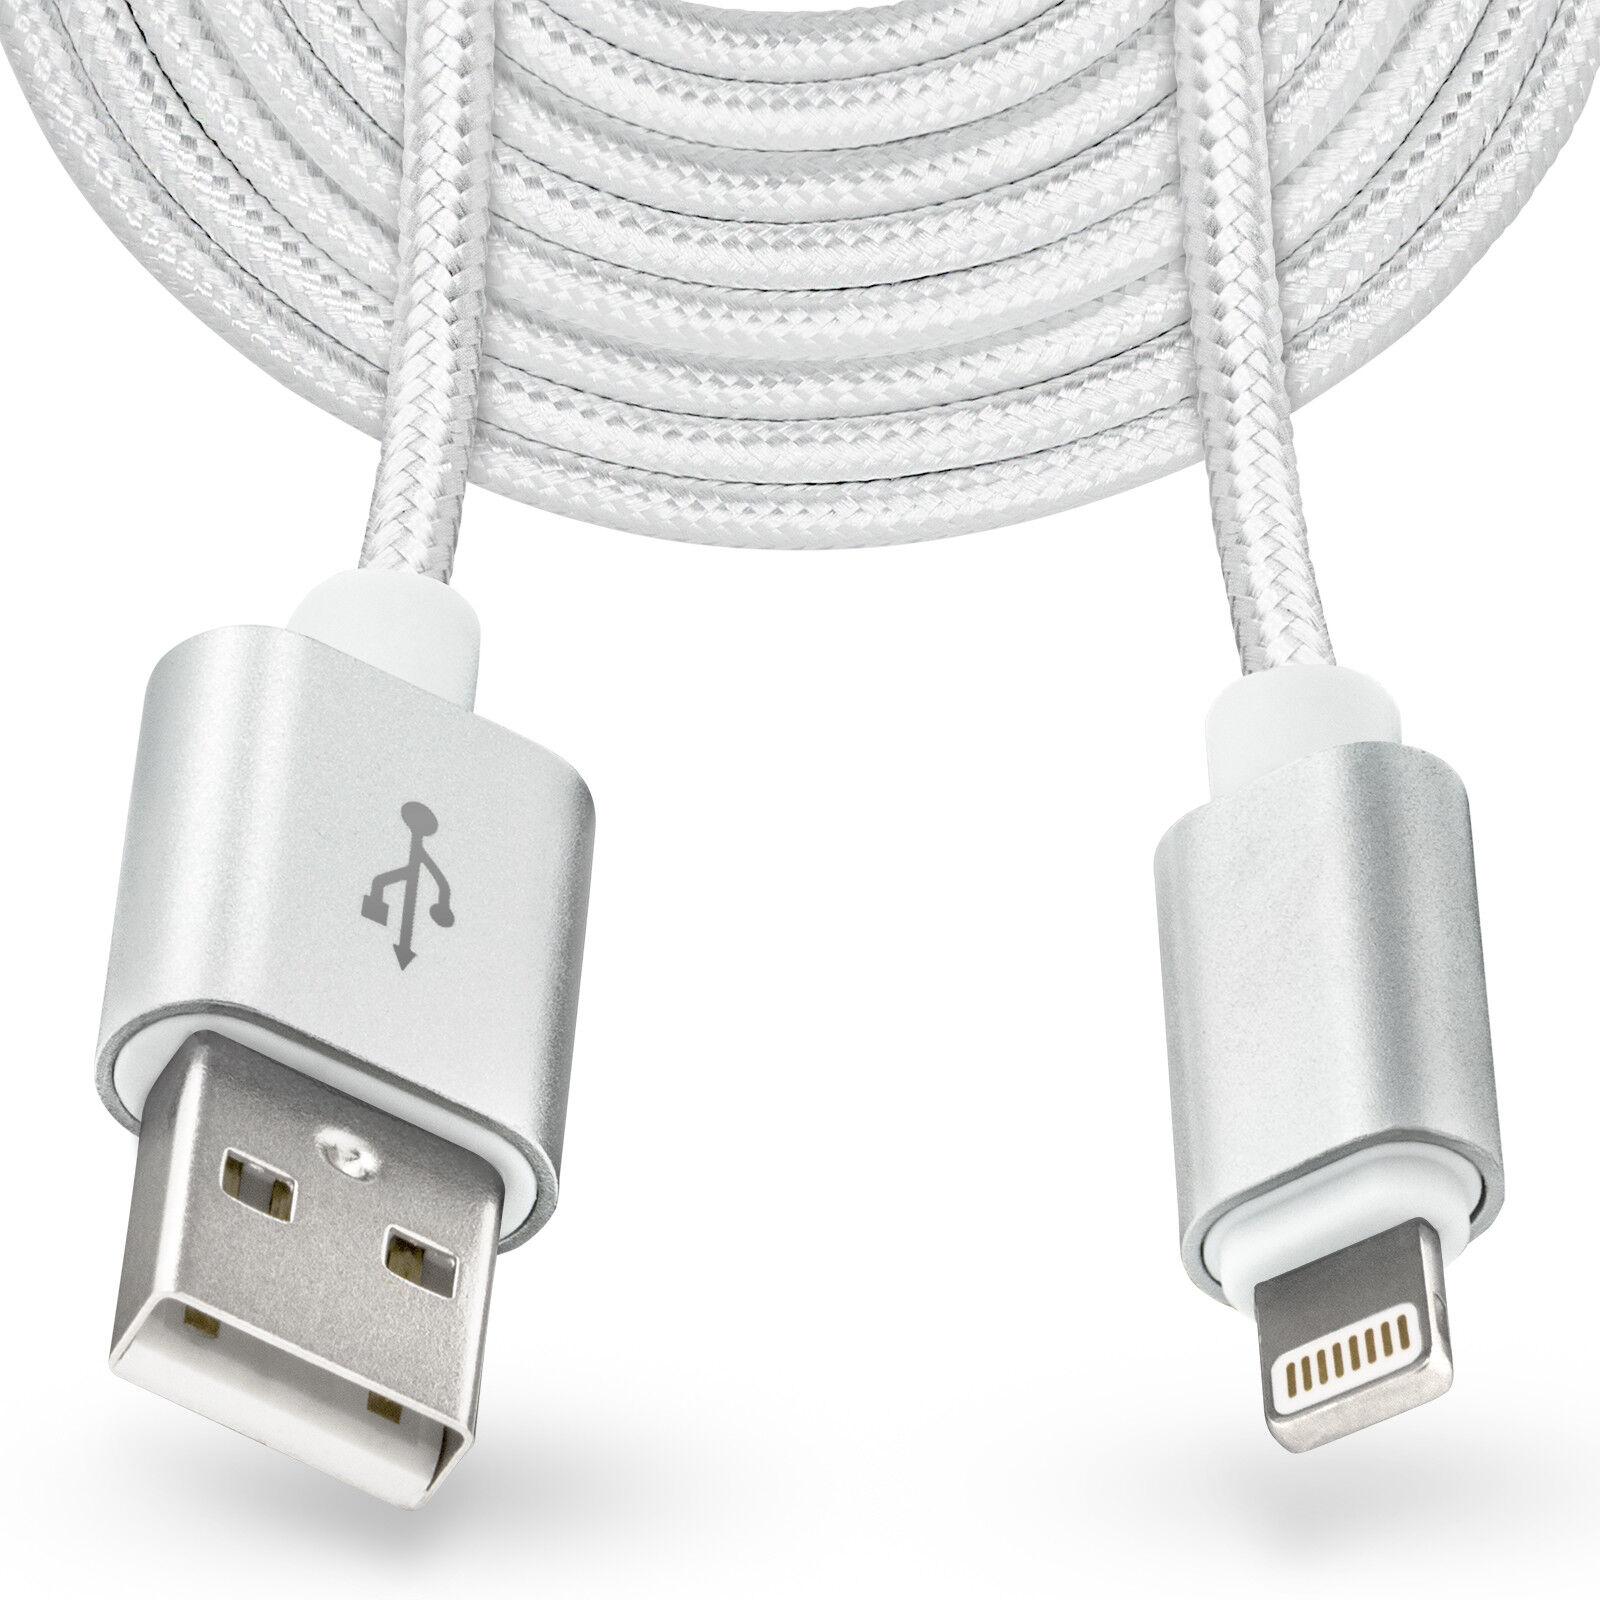 3m langes Lightning Kabel Stecker Ladekabel für Apple iPhone X 8 7 6 ...